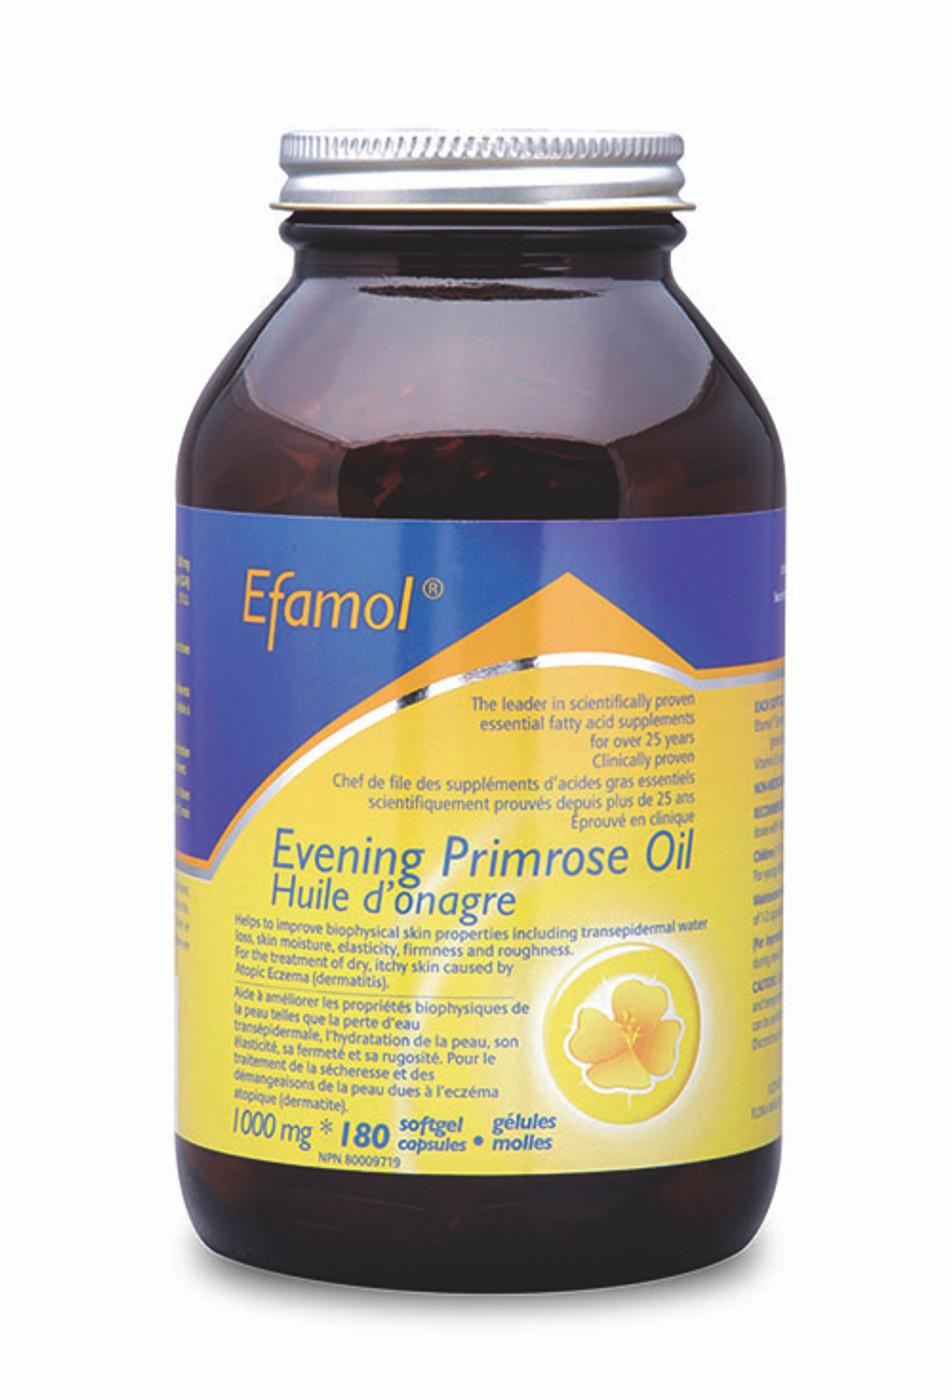 07d1245c74d Efamol Evening Primrose Oil 1000mg (180 softgel caps ...